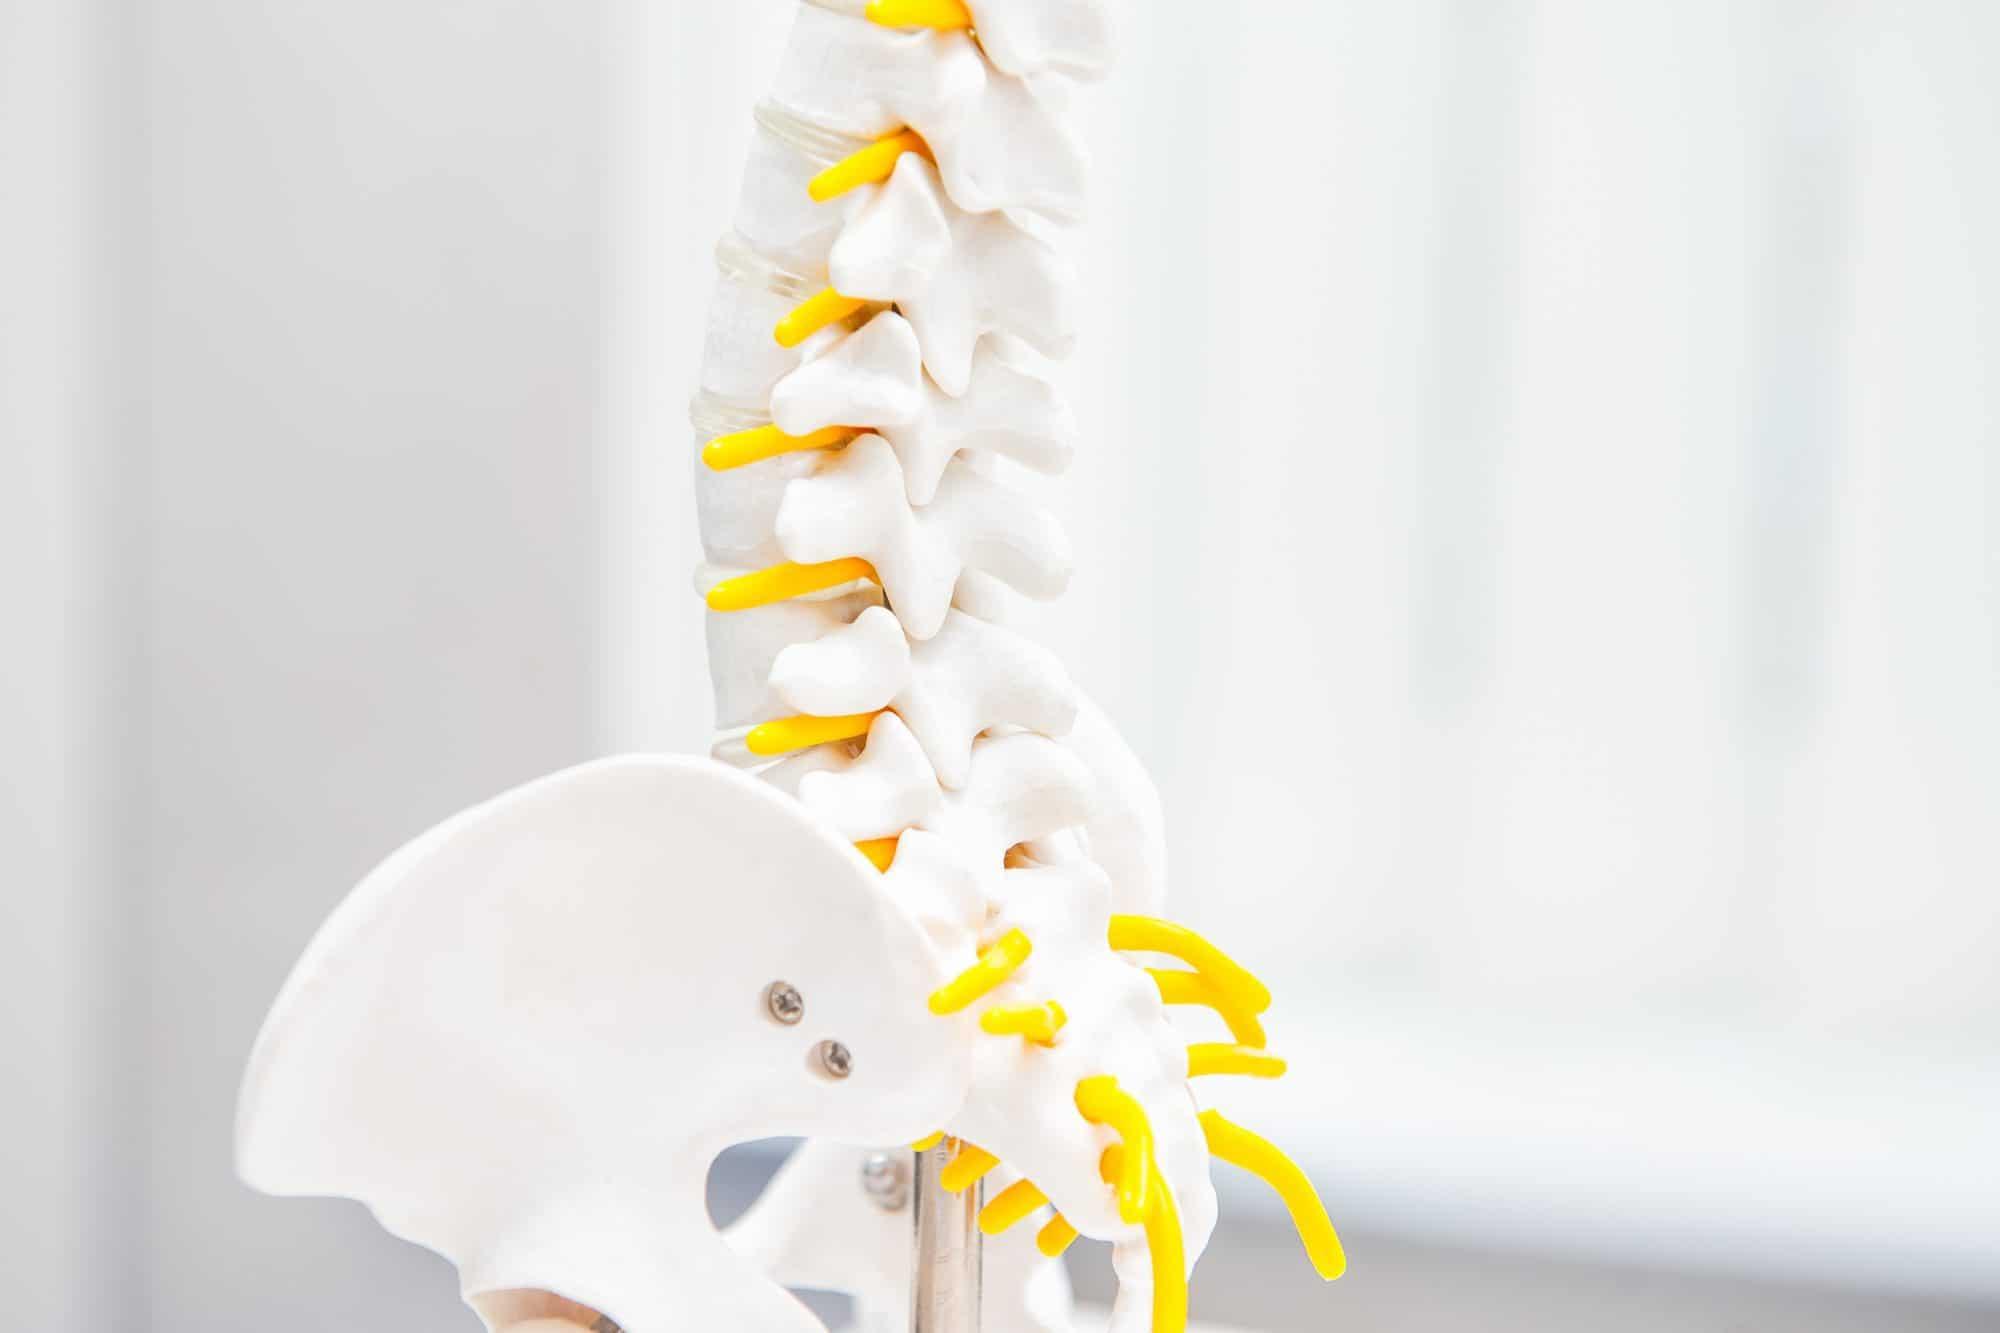 Síntomas y diferencias de evaluación en una subluxación o fijación vertebral